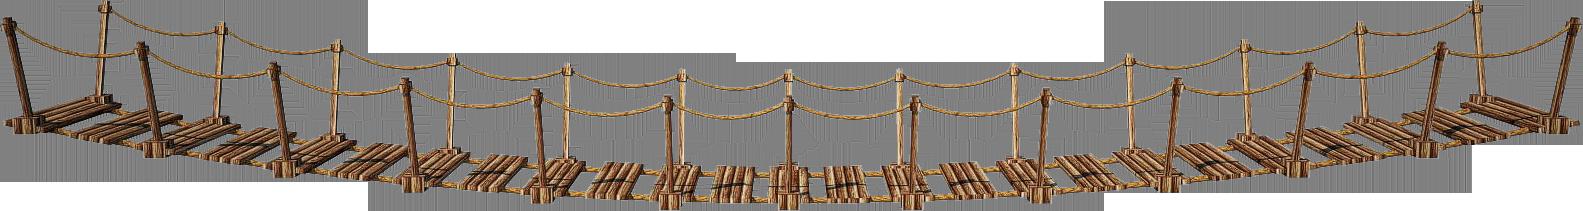 Suspension Bridge PNG - 60918